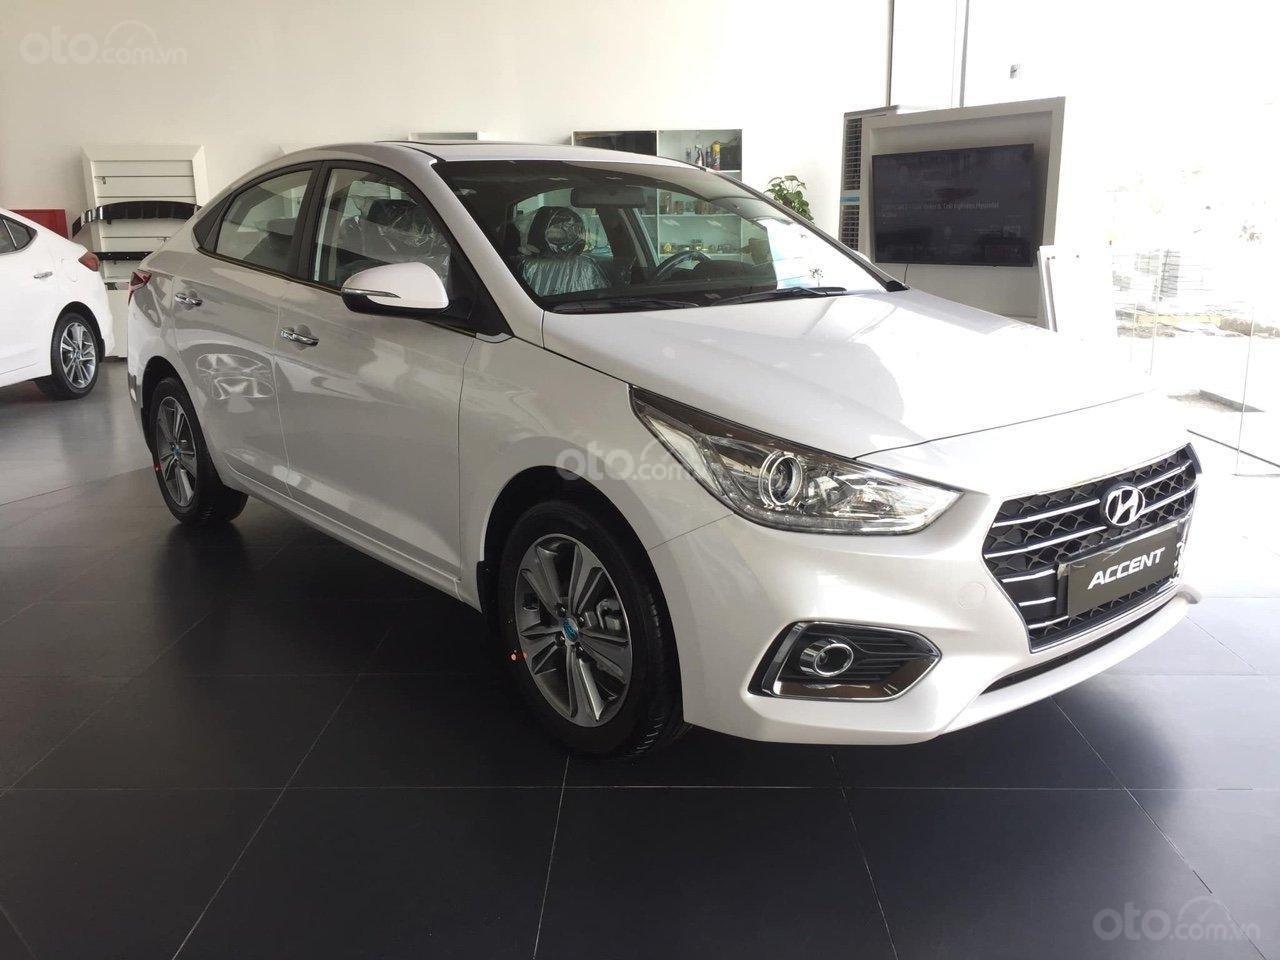 Hyundai Accent 2020 giảm thuế 50%, khuyến mại full phụ kiện chính hãng. Giảm giá các dòng xe Hyundai cực sốc (1)